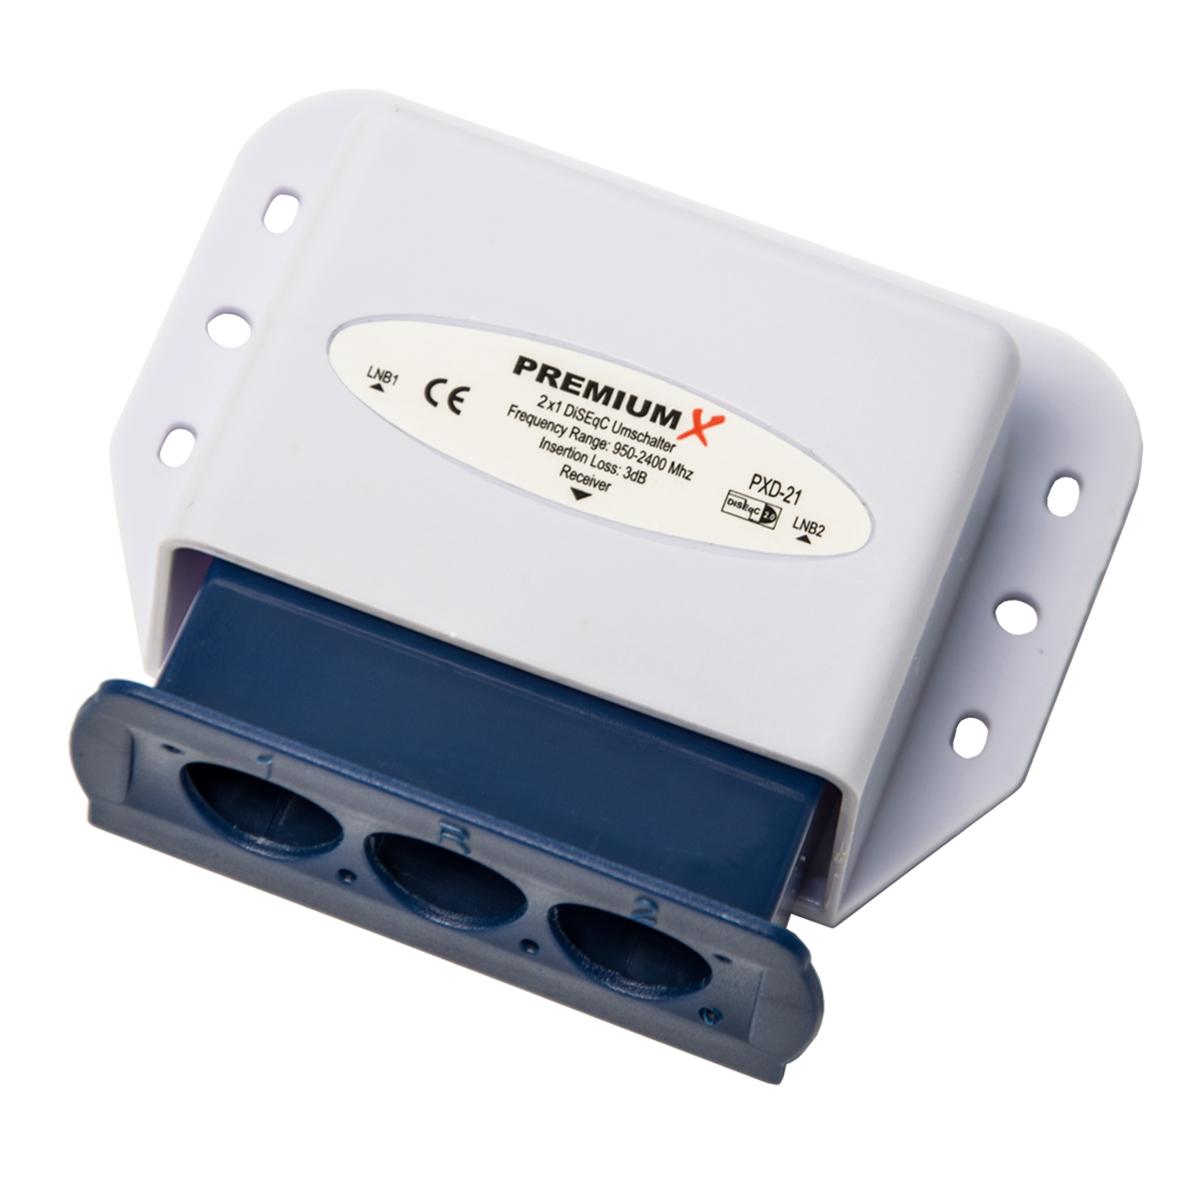 2x PremiumX PXD-21 DiSEqC Schalter 2/1 SAT Umschalter 2.0 Switch Diseq C mit Wetterschutzgehäuse DVB-S/ DVB_S2 SAT DIGITAL FullHD 3D und HDTV